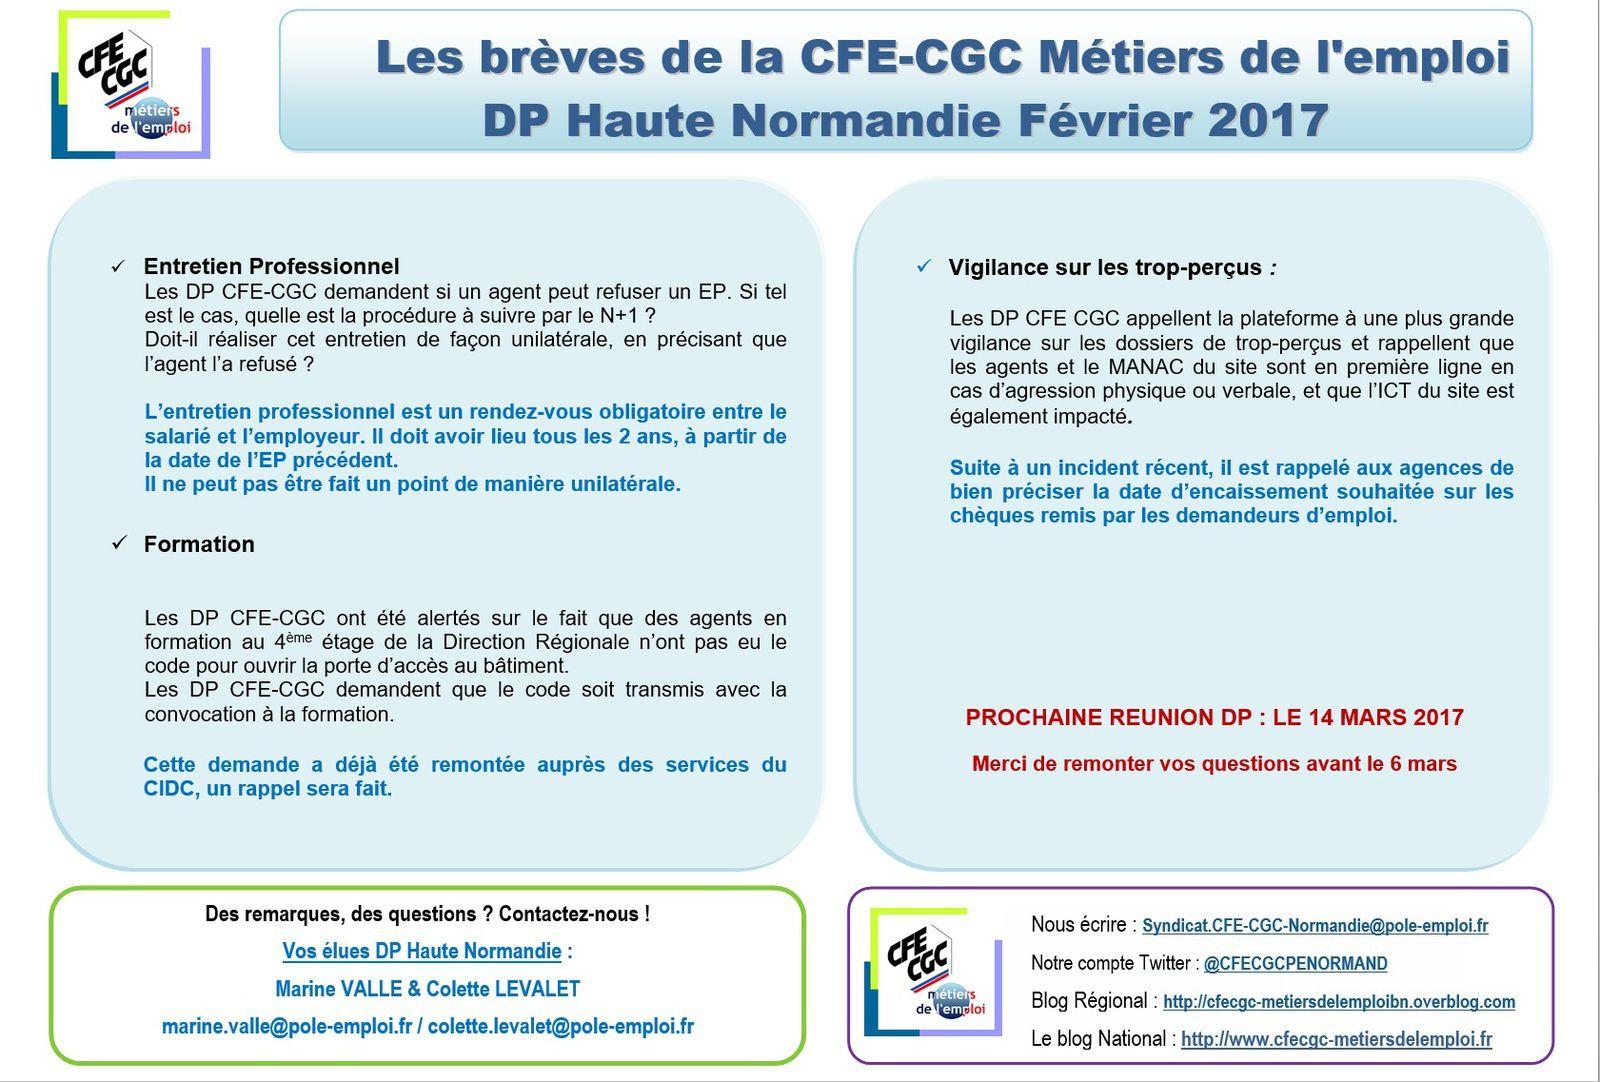 Les brèves de la CFE-CGC Métiers de l'emploi DP Haute Normandie Février 2017